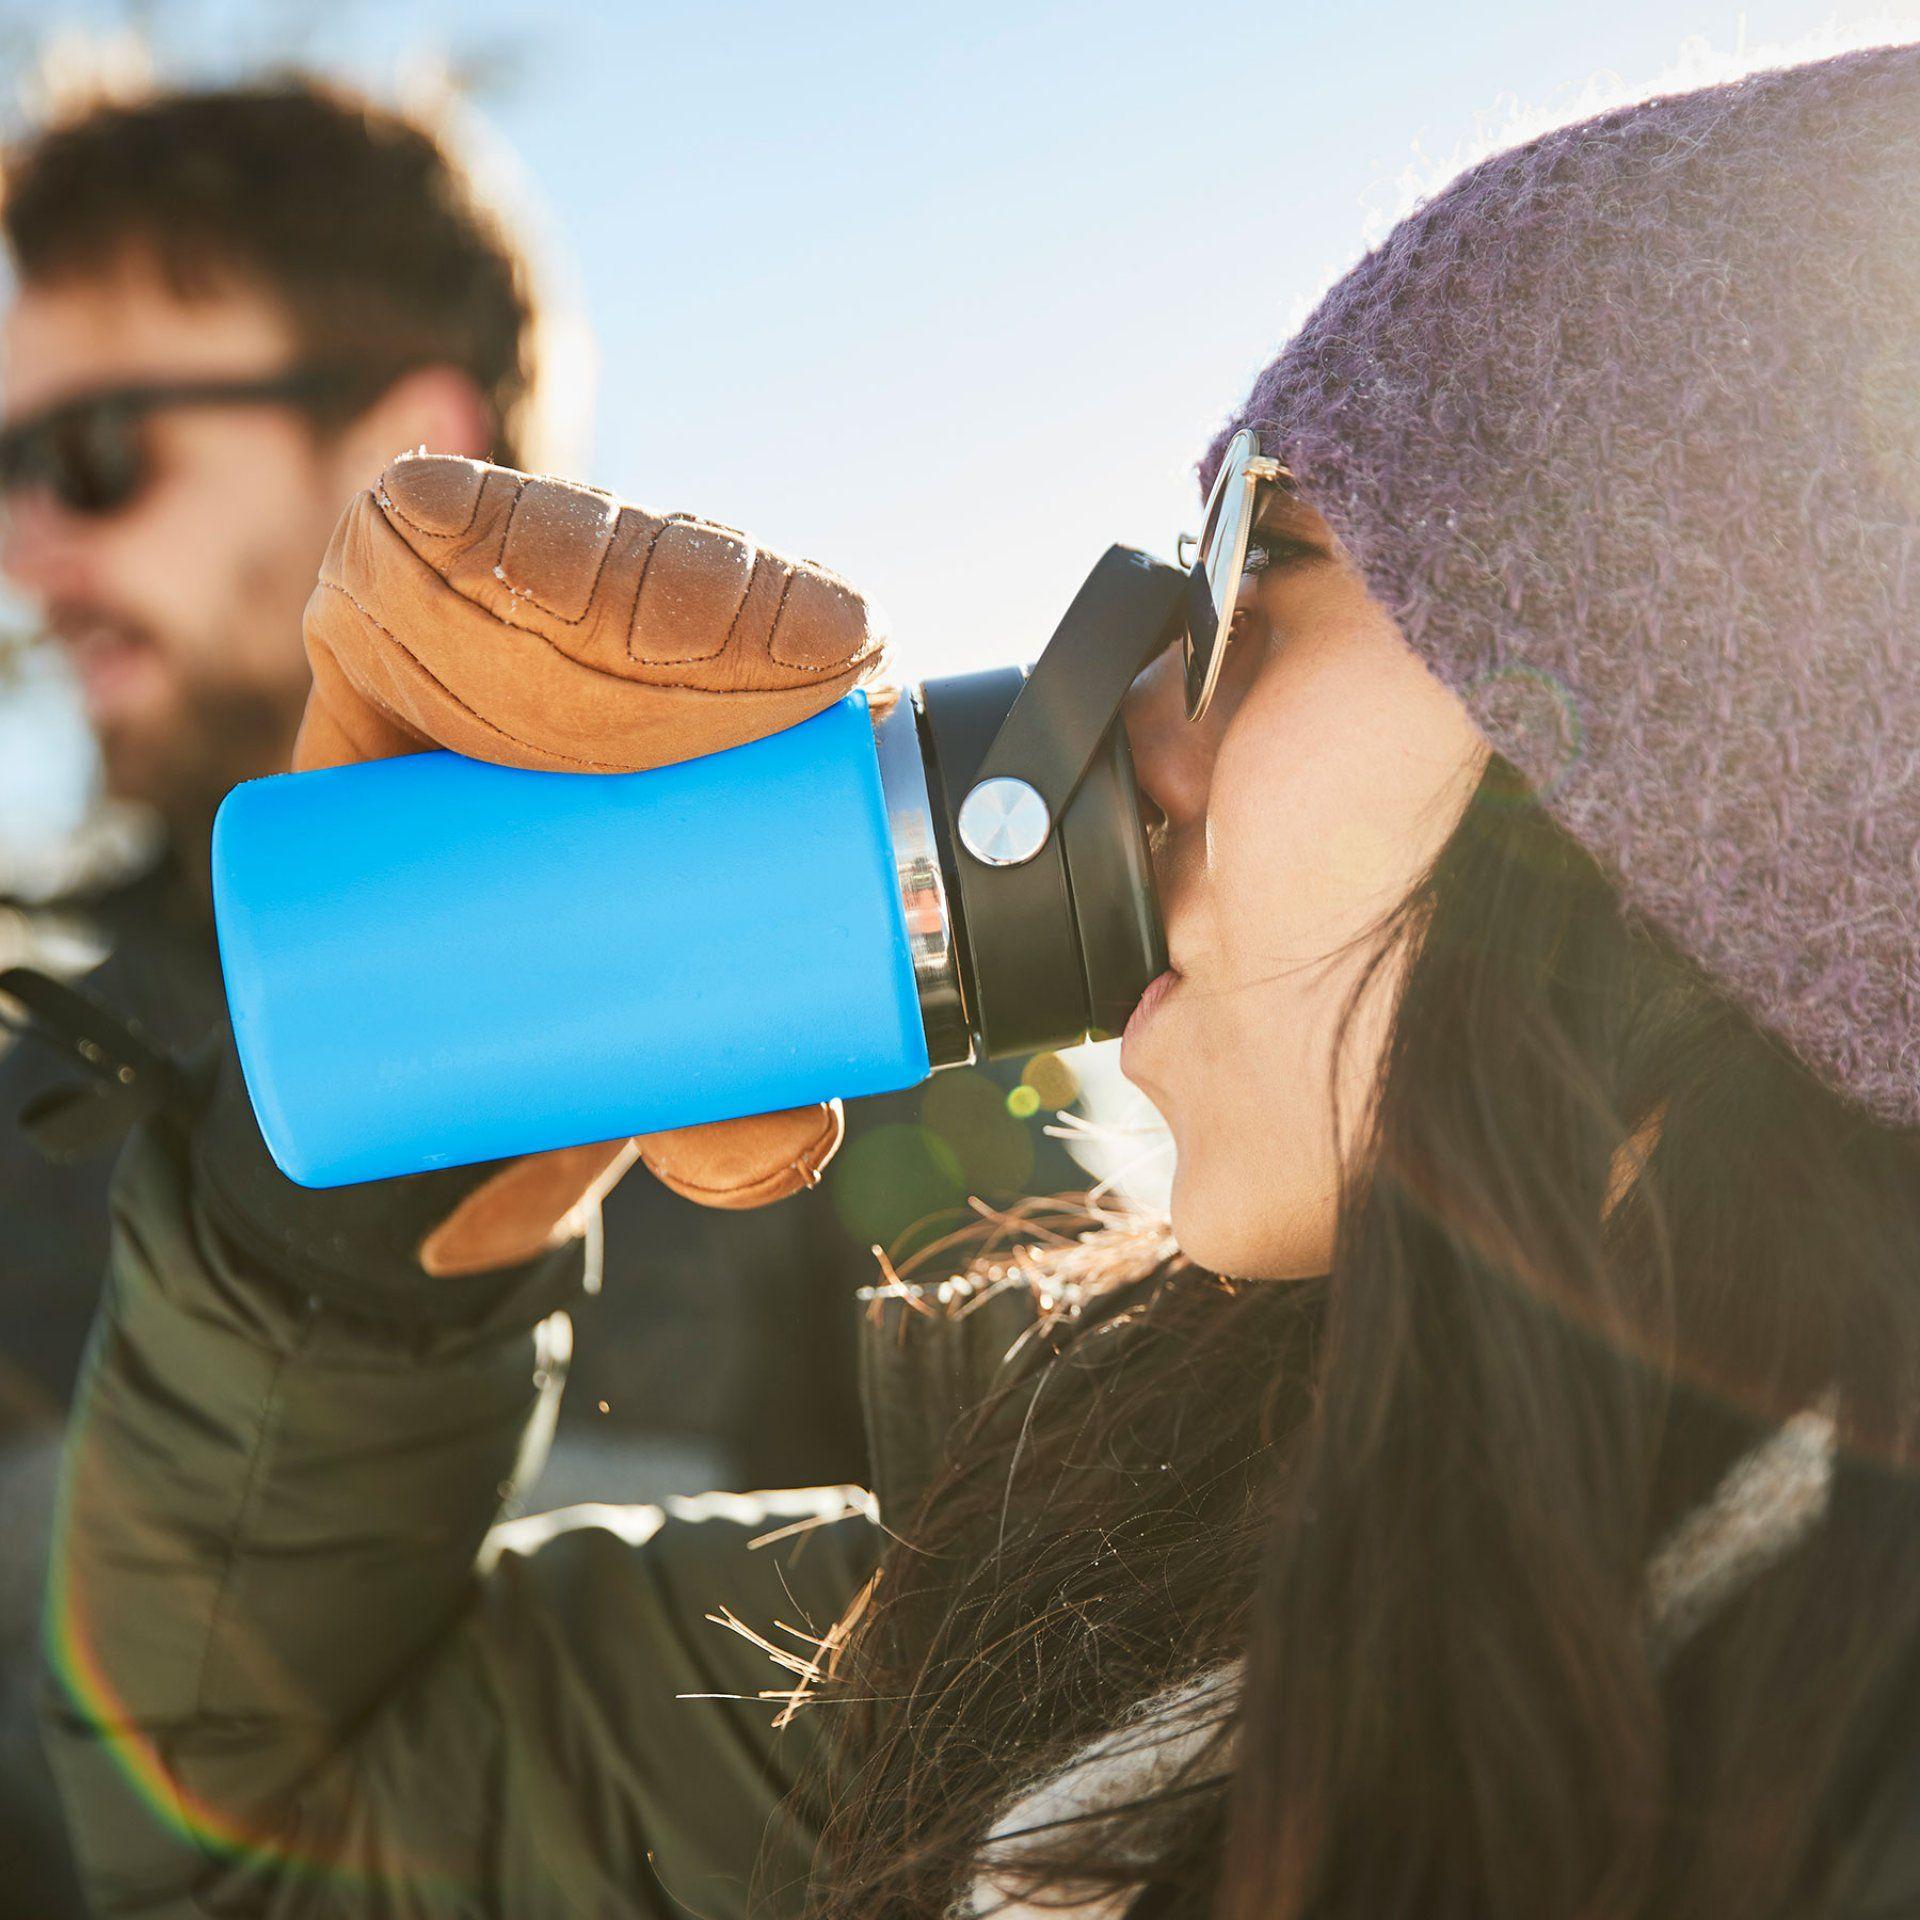 KUBEK TERMICZNY HYDRO FLASK 12 OZ COFFEE WITH FLEX SIP LID Z NAPOJEM